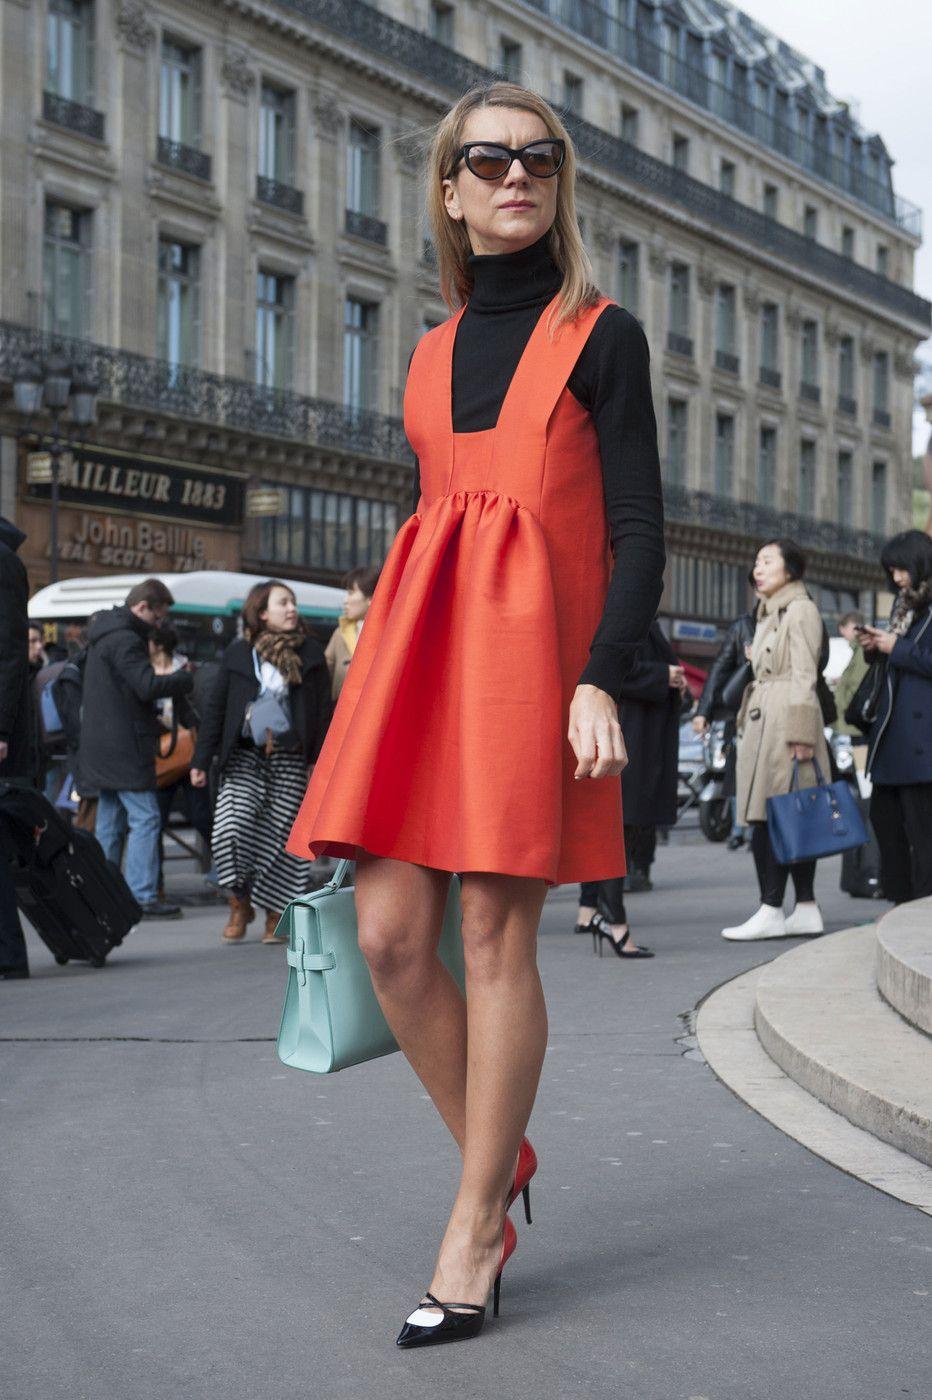 Paris. #NatalieJoos